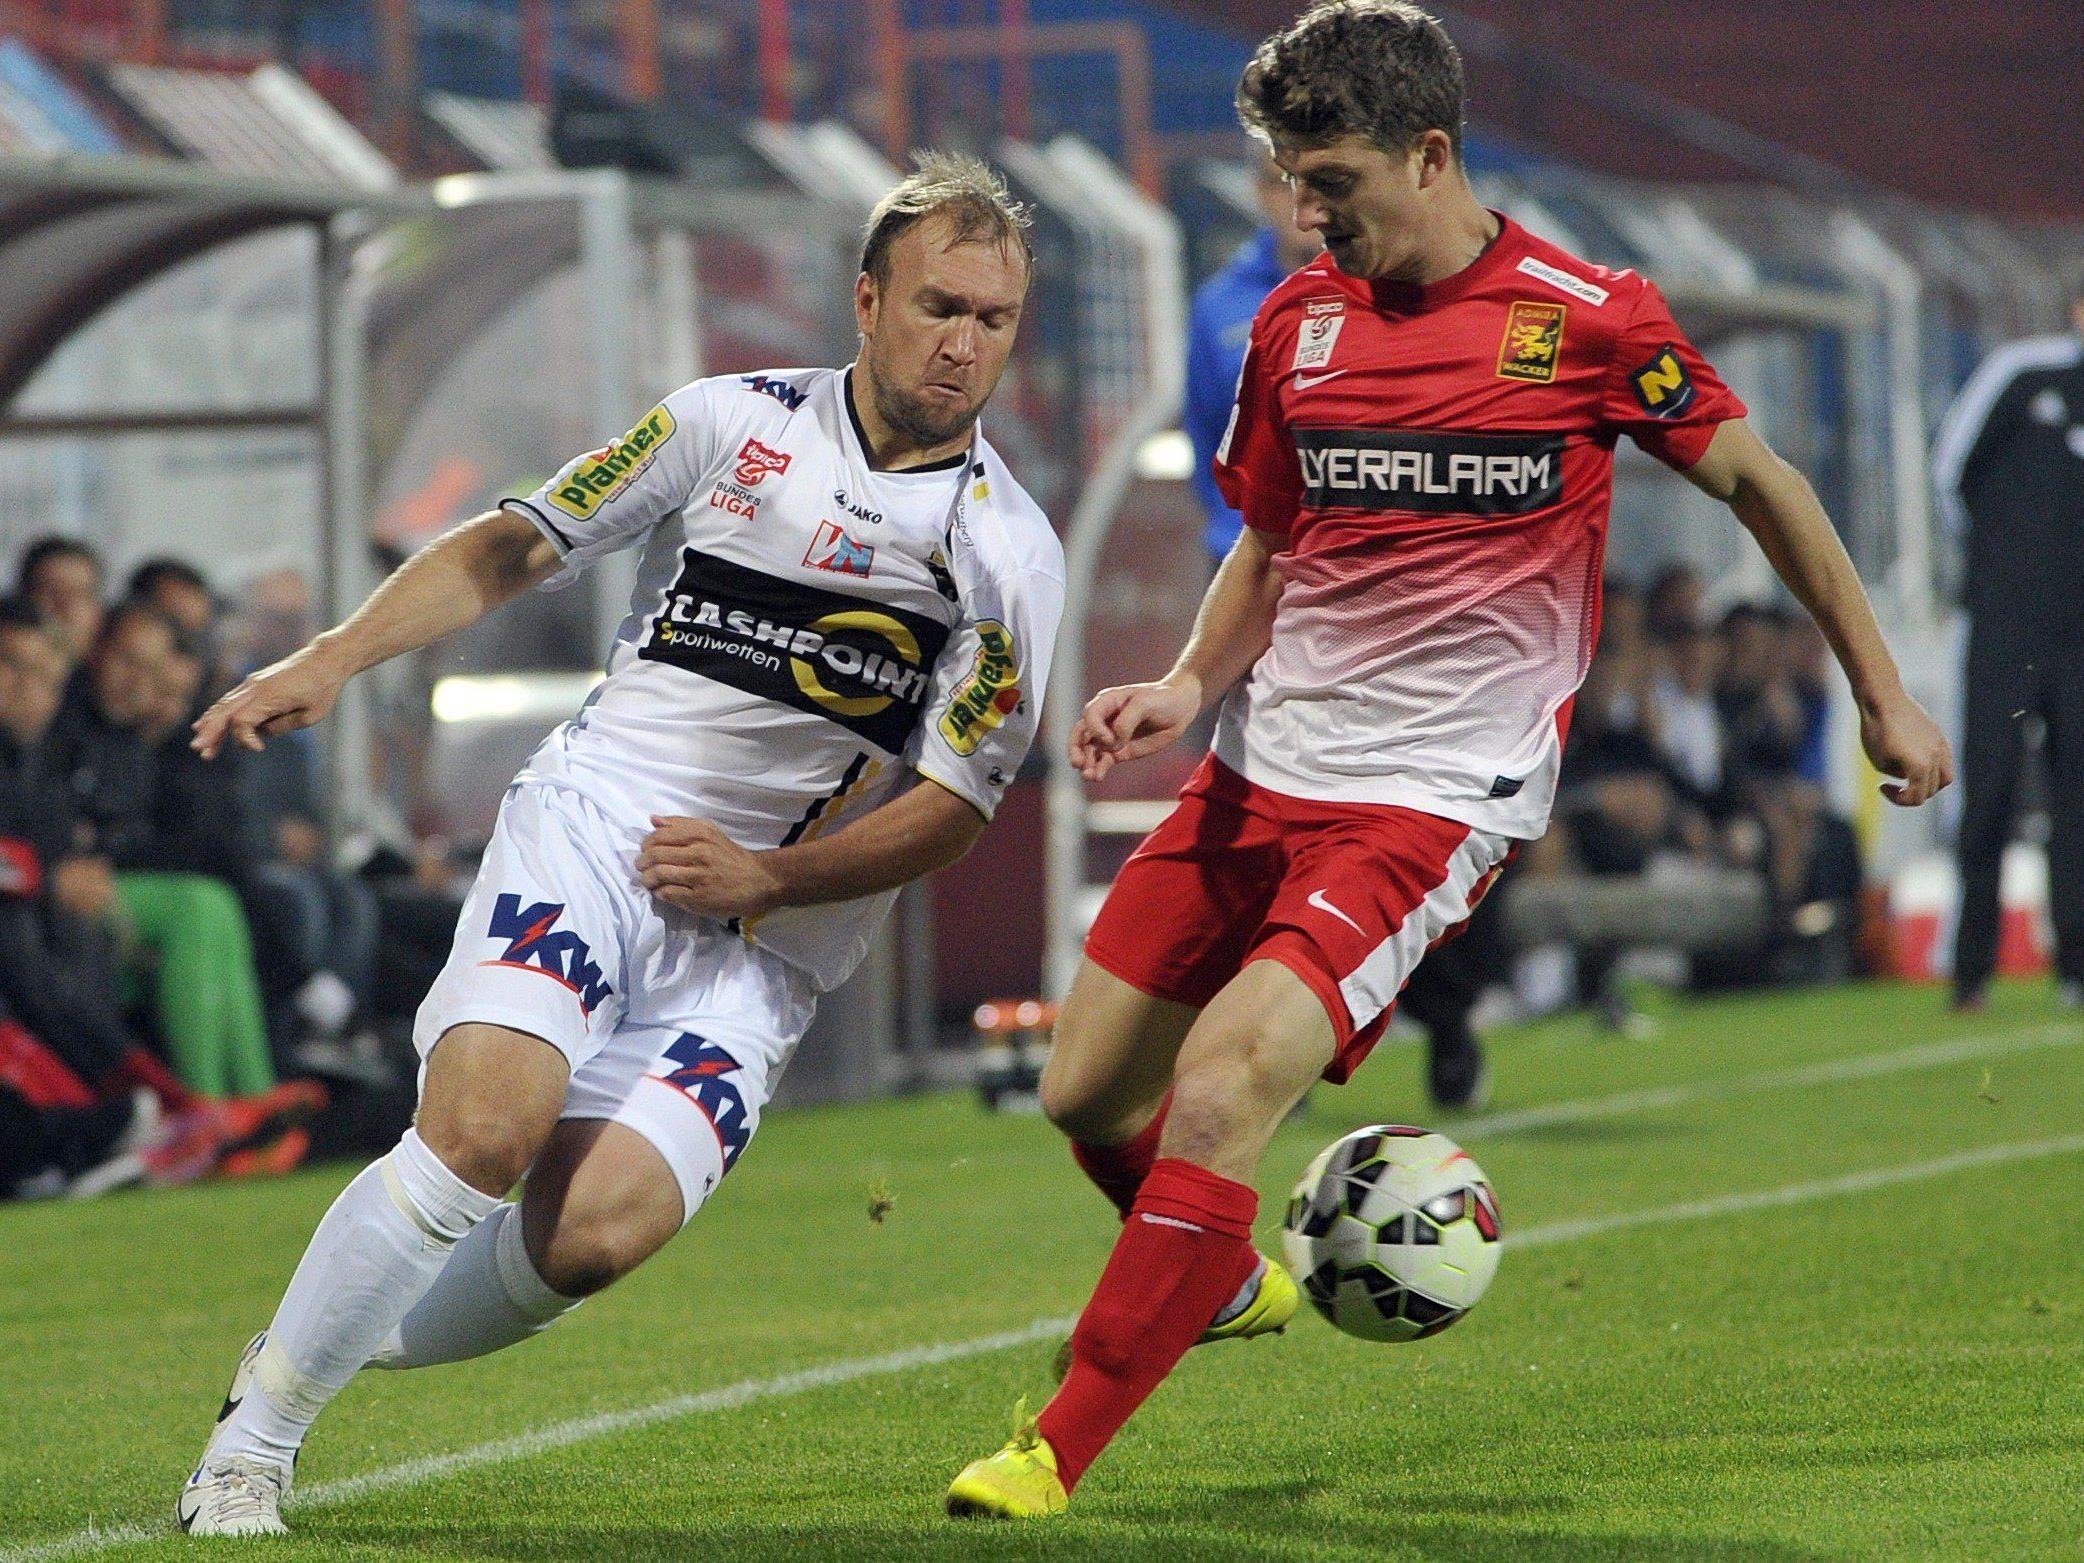 LIVE-Ticker zum Spiel SCR Altach gegen FC Admira Wacker ab 18.30 Uhr.